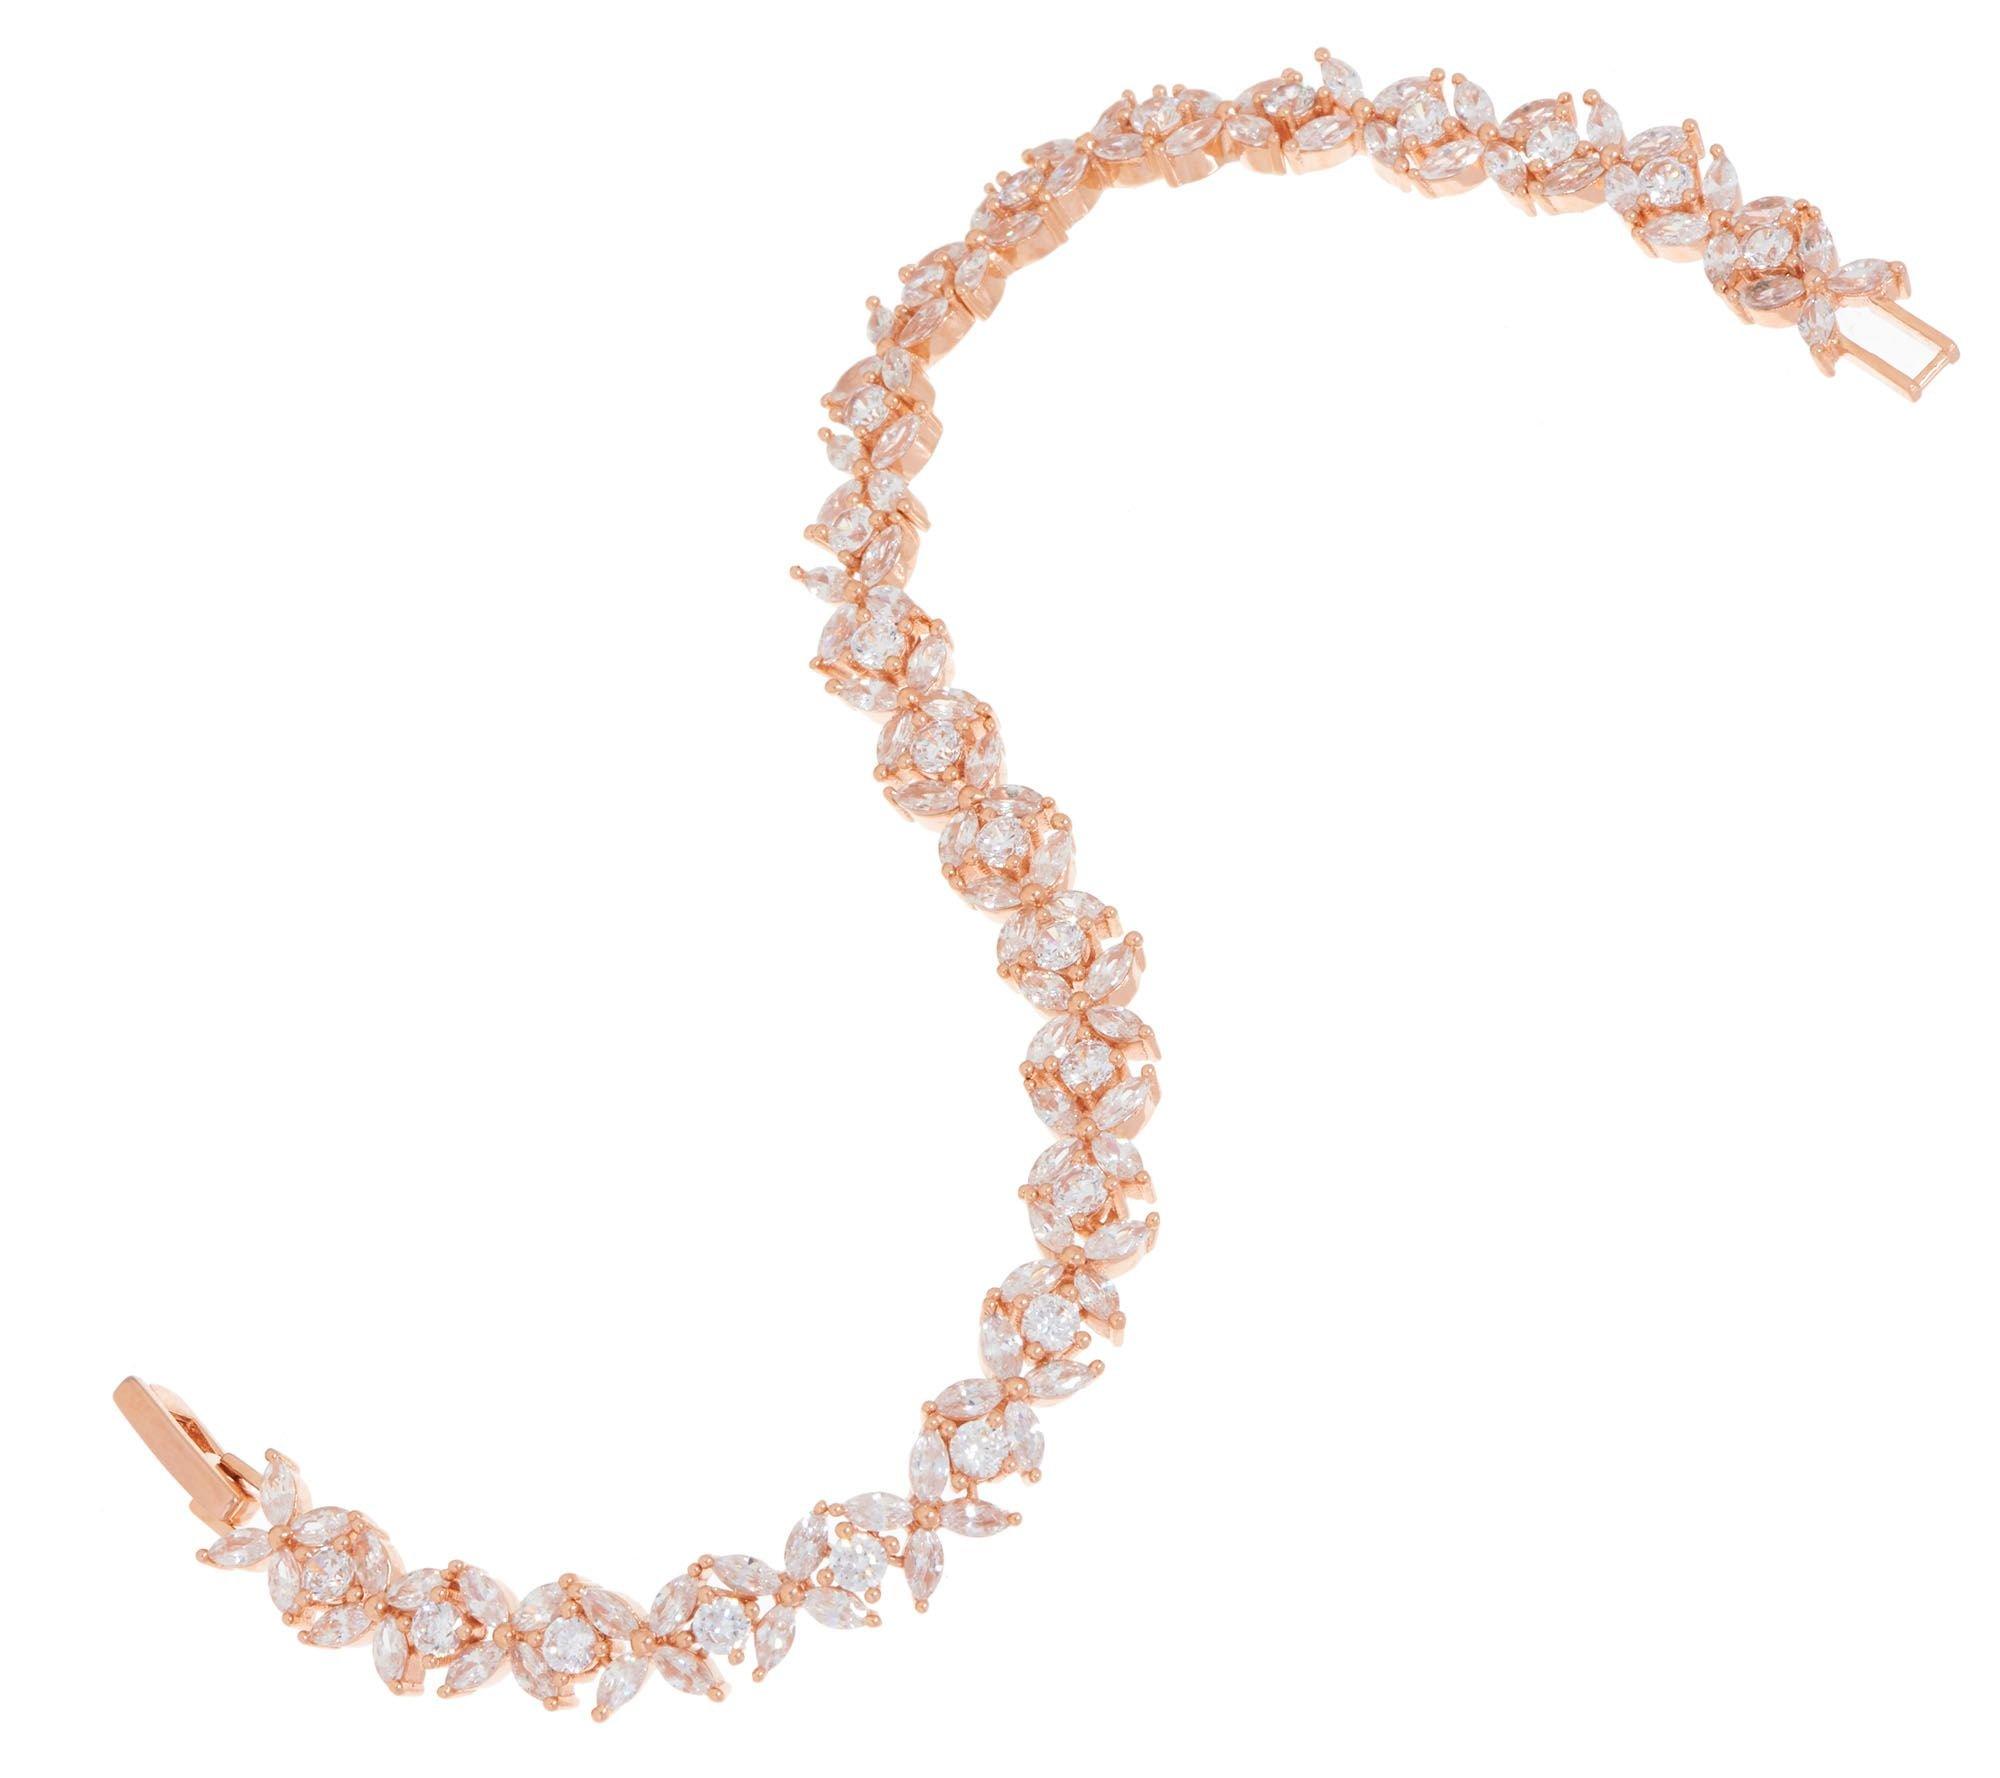 Smjewels 5.60 cttw D/VVS1 Diamond 14K Rose Gold Plated Flower Design Tennis Bracelet